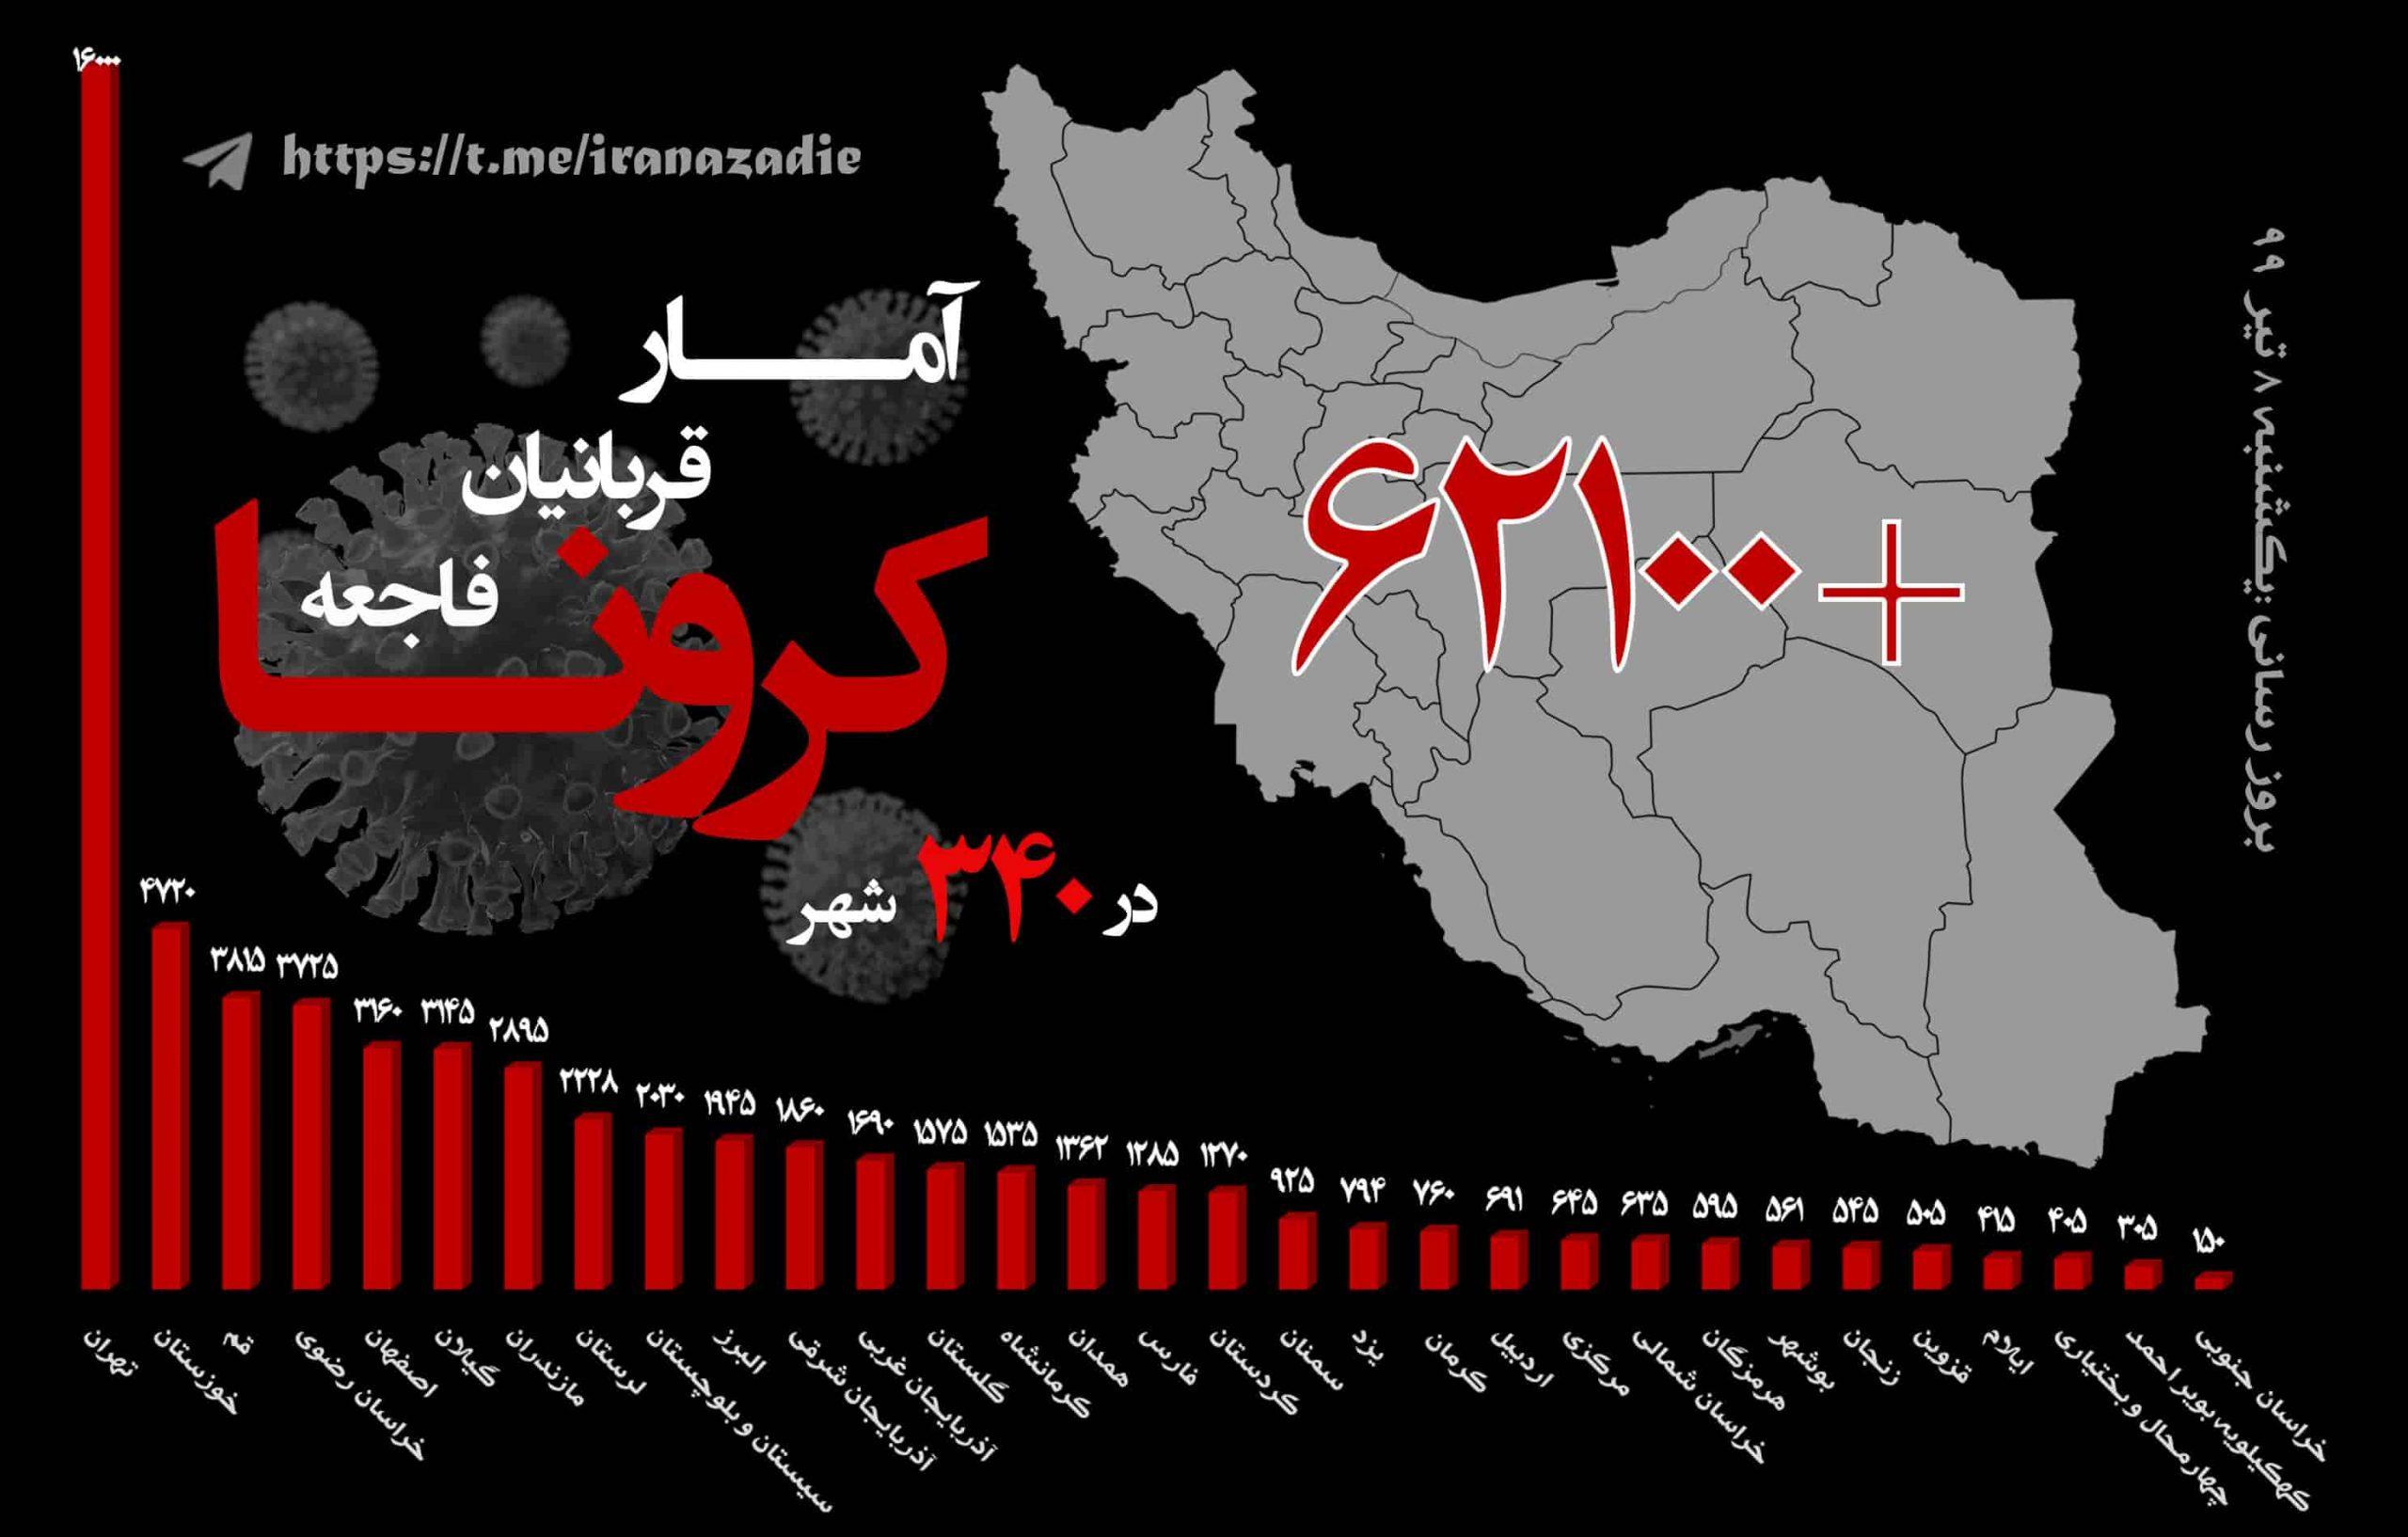 زالی، آمار در تهران به یک شکل نگرانکنندهای در حال تغییر است